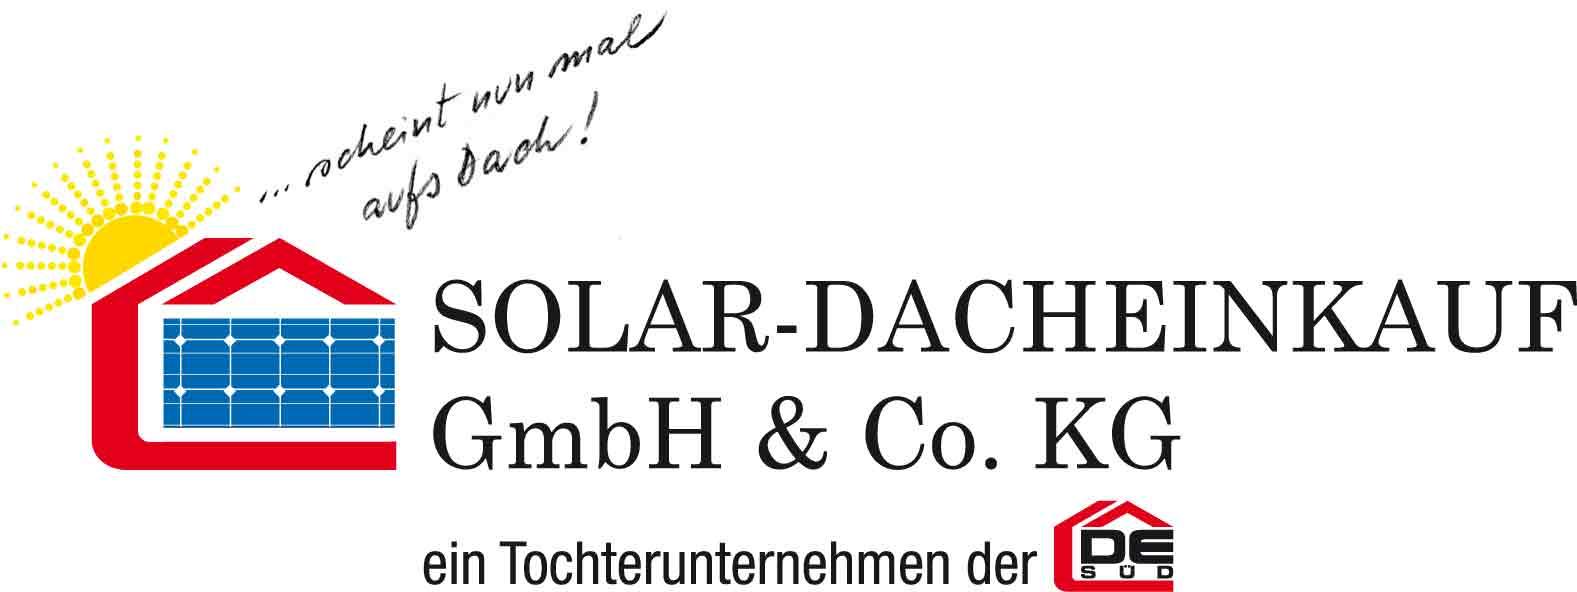 Sundirect ist nun Partner von Solar-Dacheinkauf